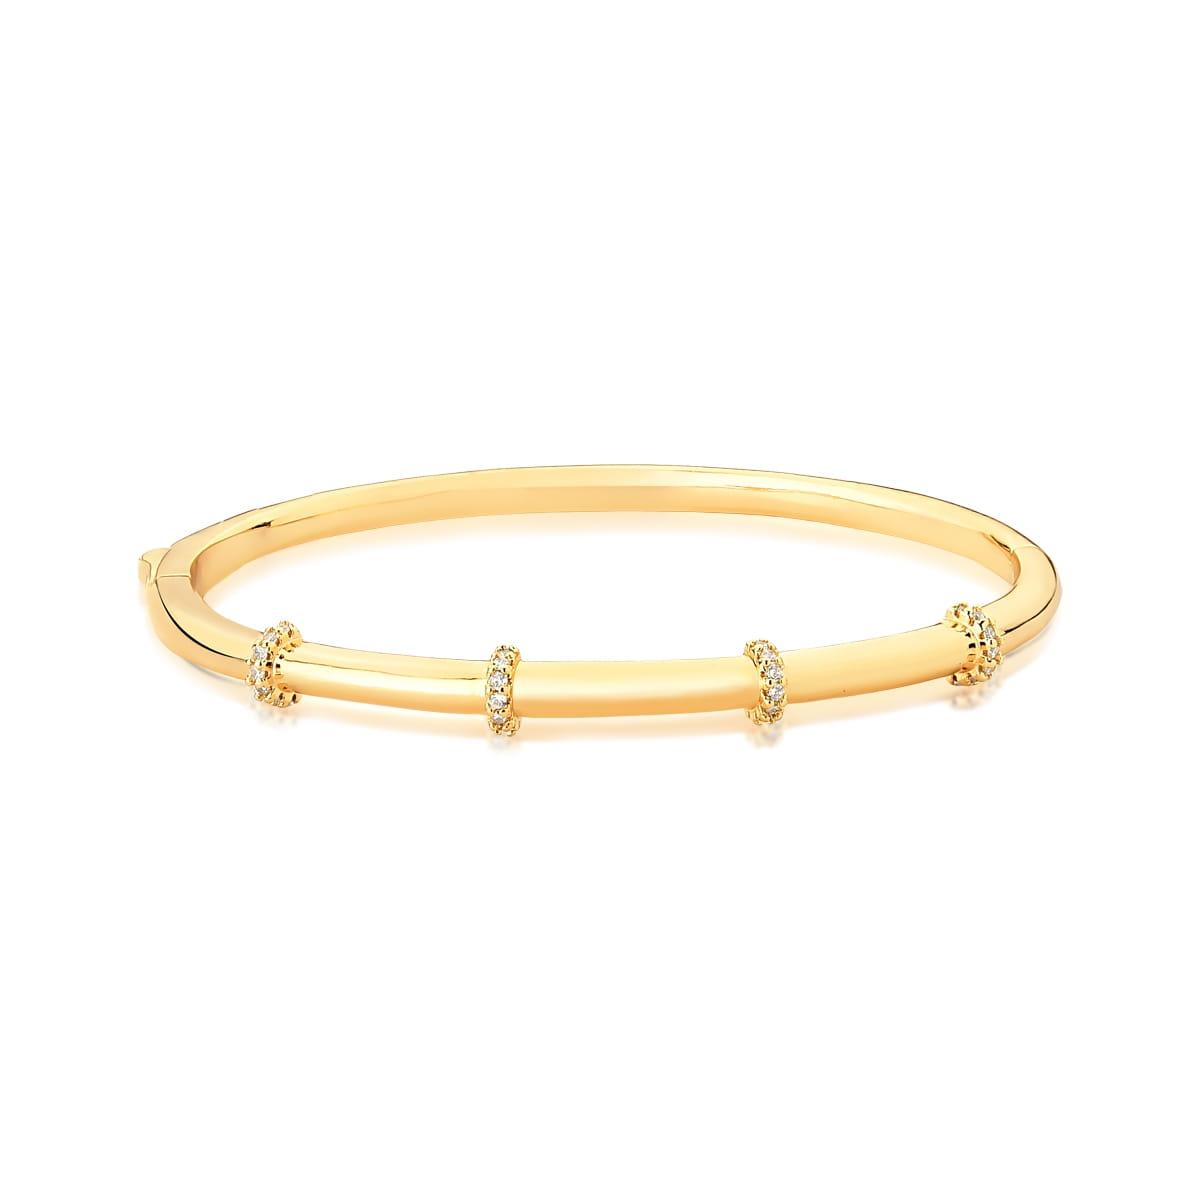 Bracelete Quatro Fileiras com Zircônias Banhado a Ouro